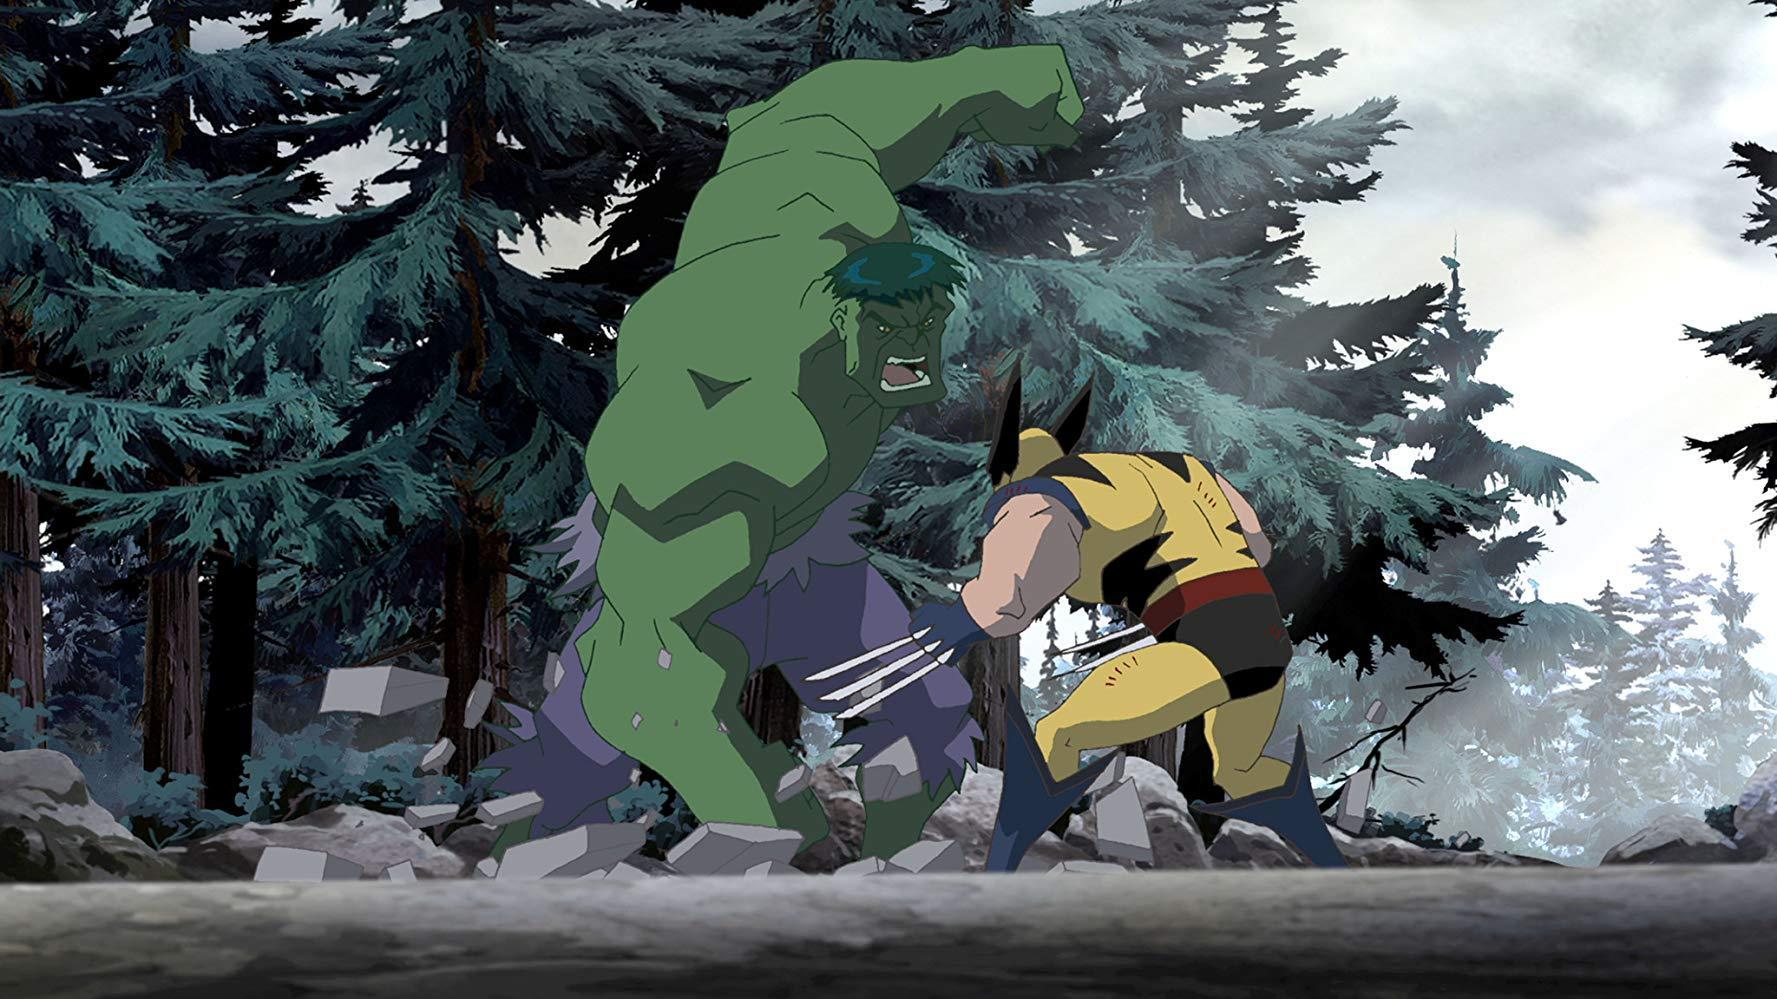 مشاهدة فيلم Hulk Vs 2009 HD مترجم كامل اون لاين